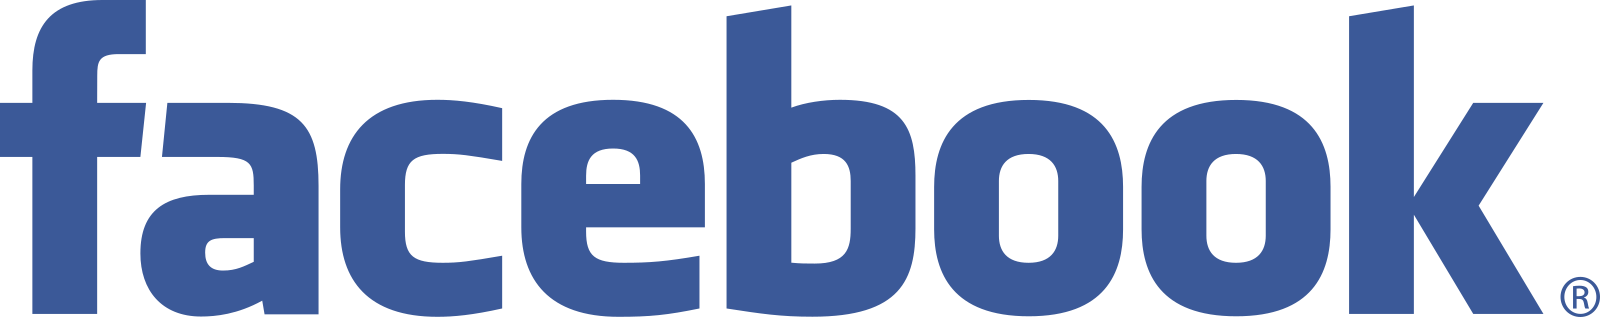 facebook logo 4 - Facebook Logo